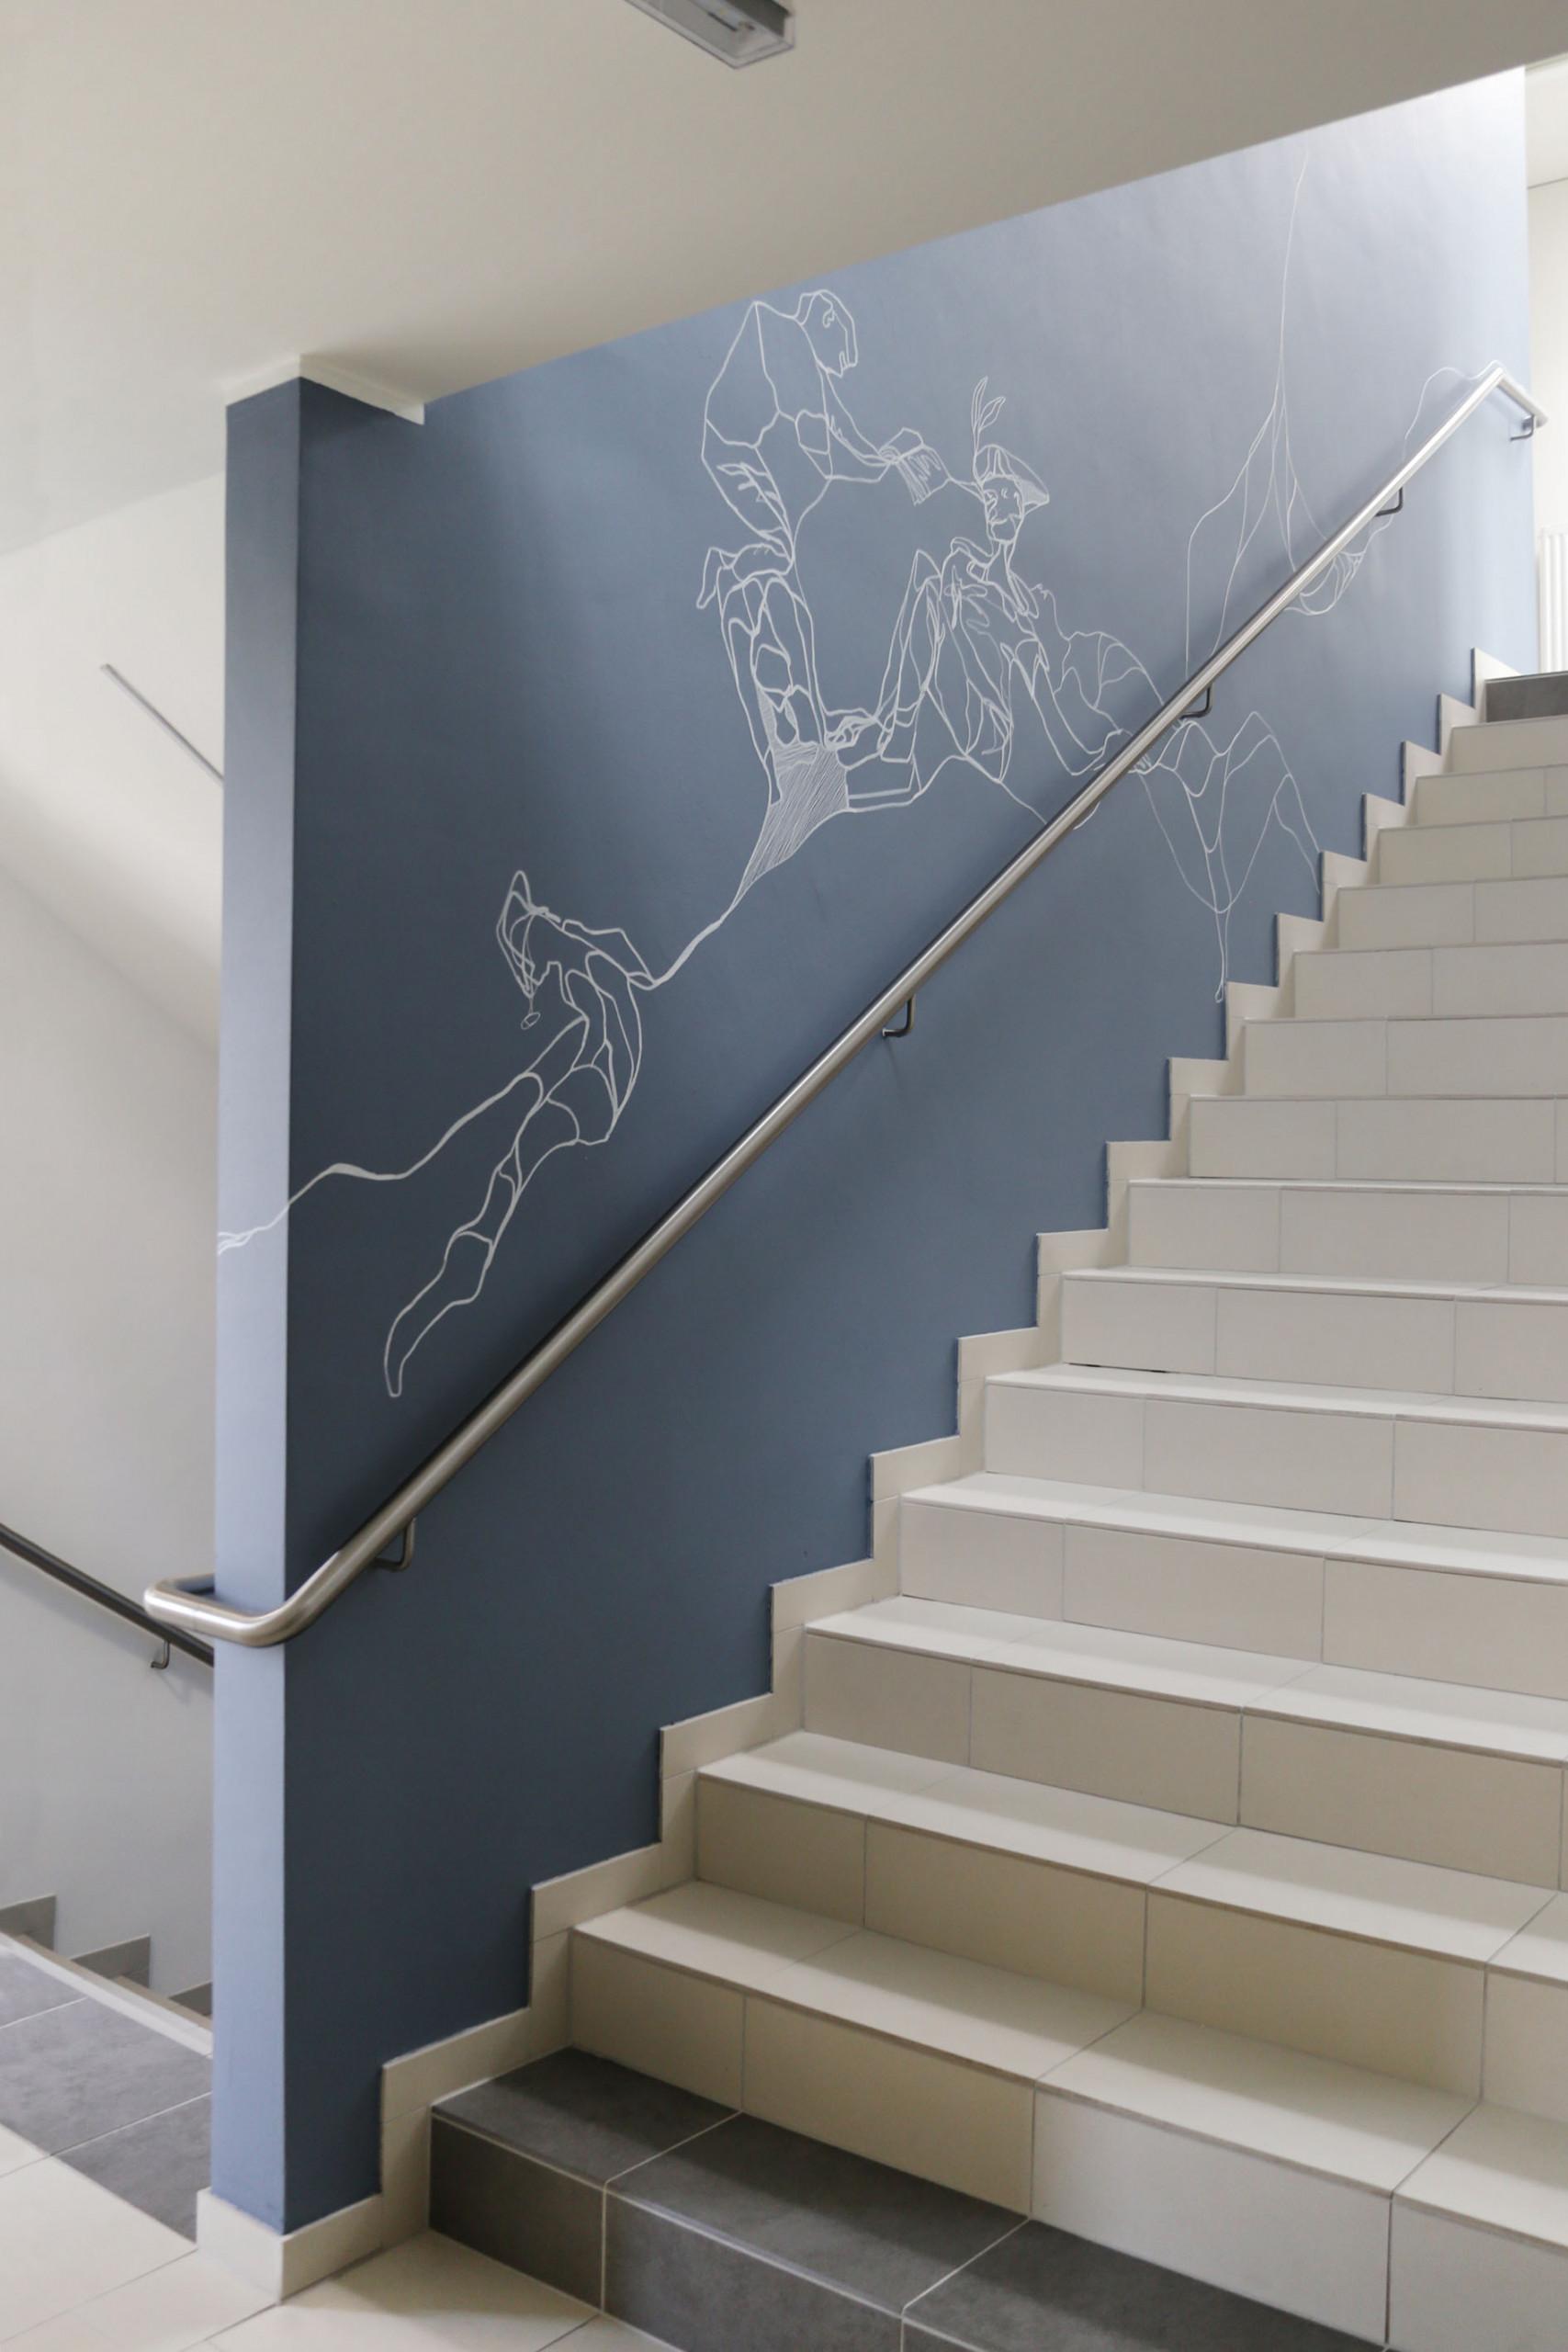 Wandzeichnungen im Stiegenhaus des Haus.